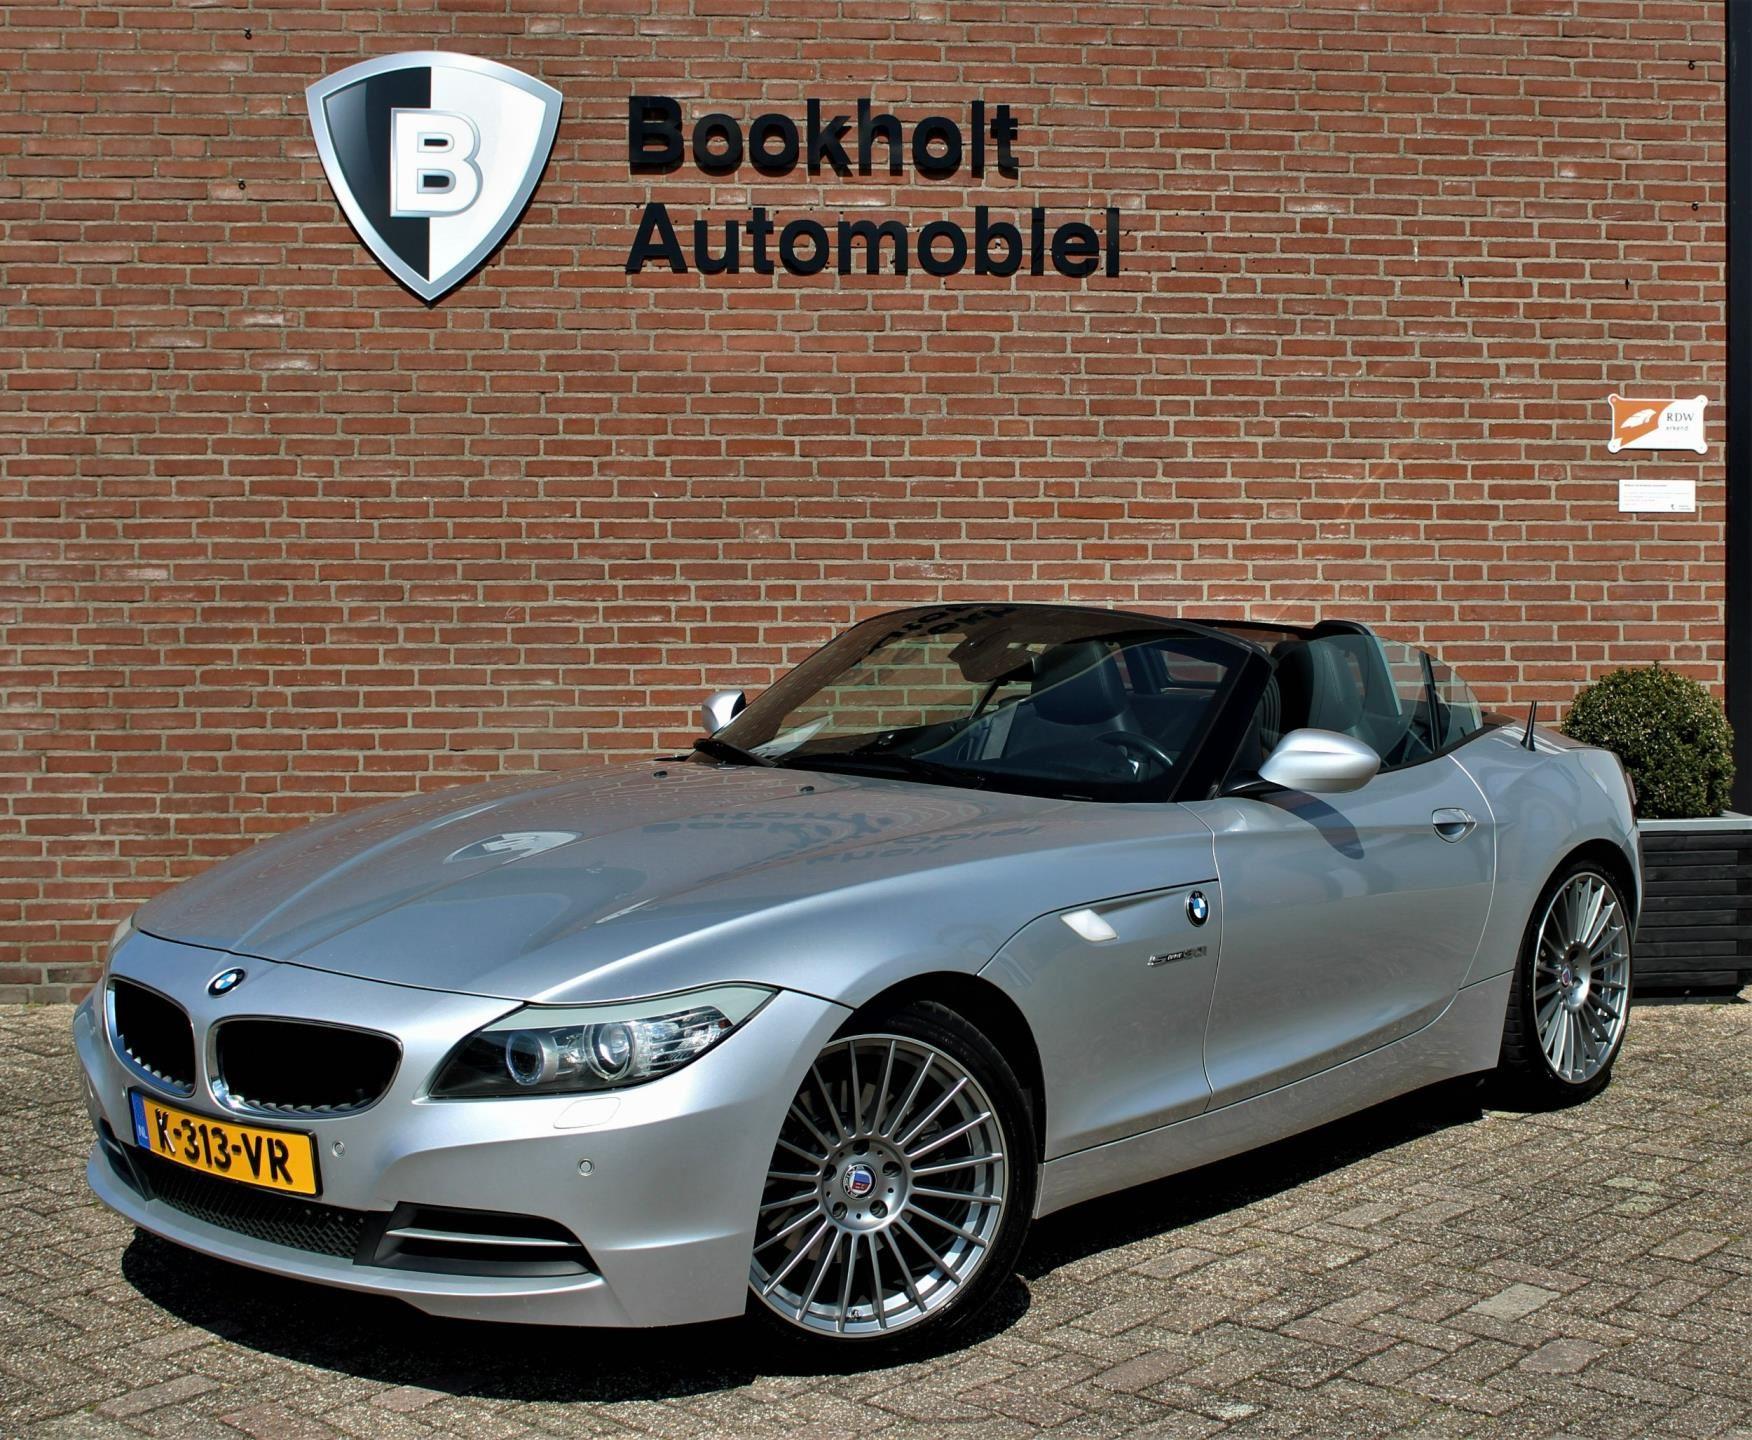 BMW Z4 Roadster occasion - Bookholt Automobiel